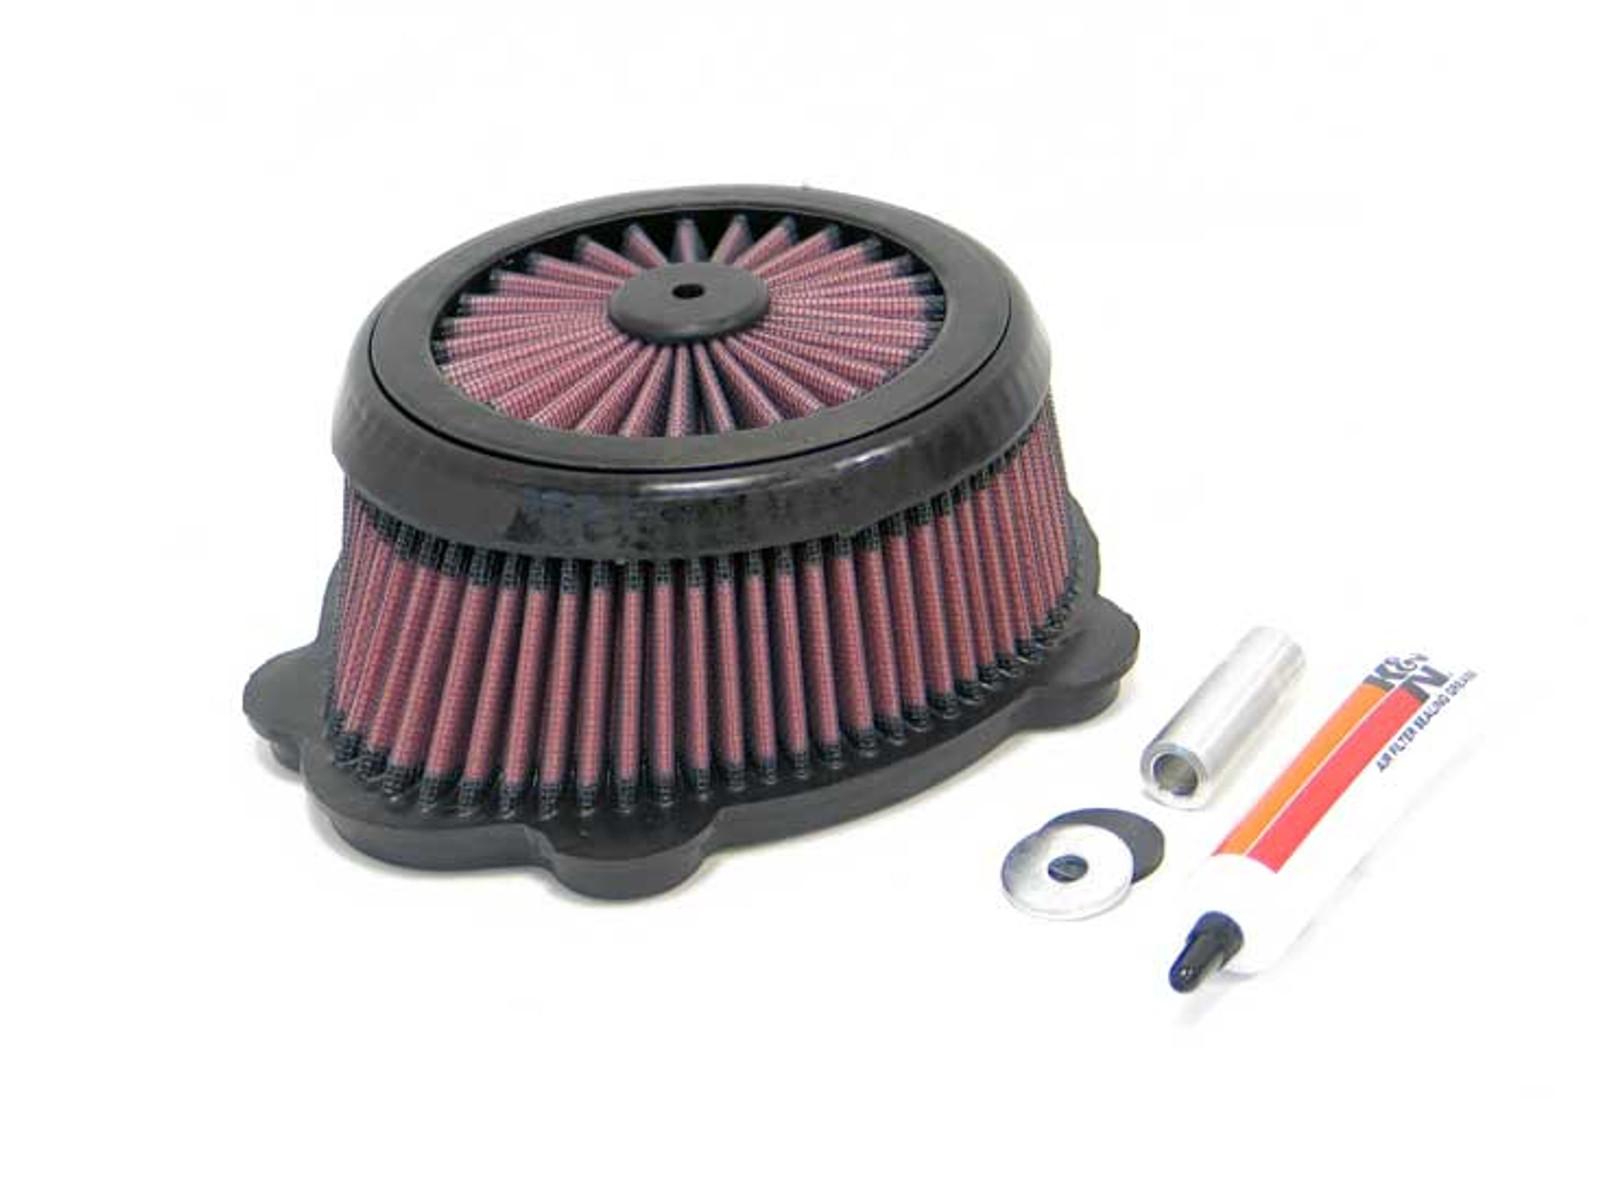 Kawasaki  KX125 A4  KX250 A4 1978 Air Filter UNI NU-2318 ST KX 125 MX  KX 250 MX